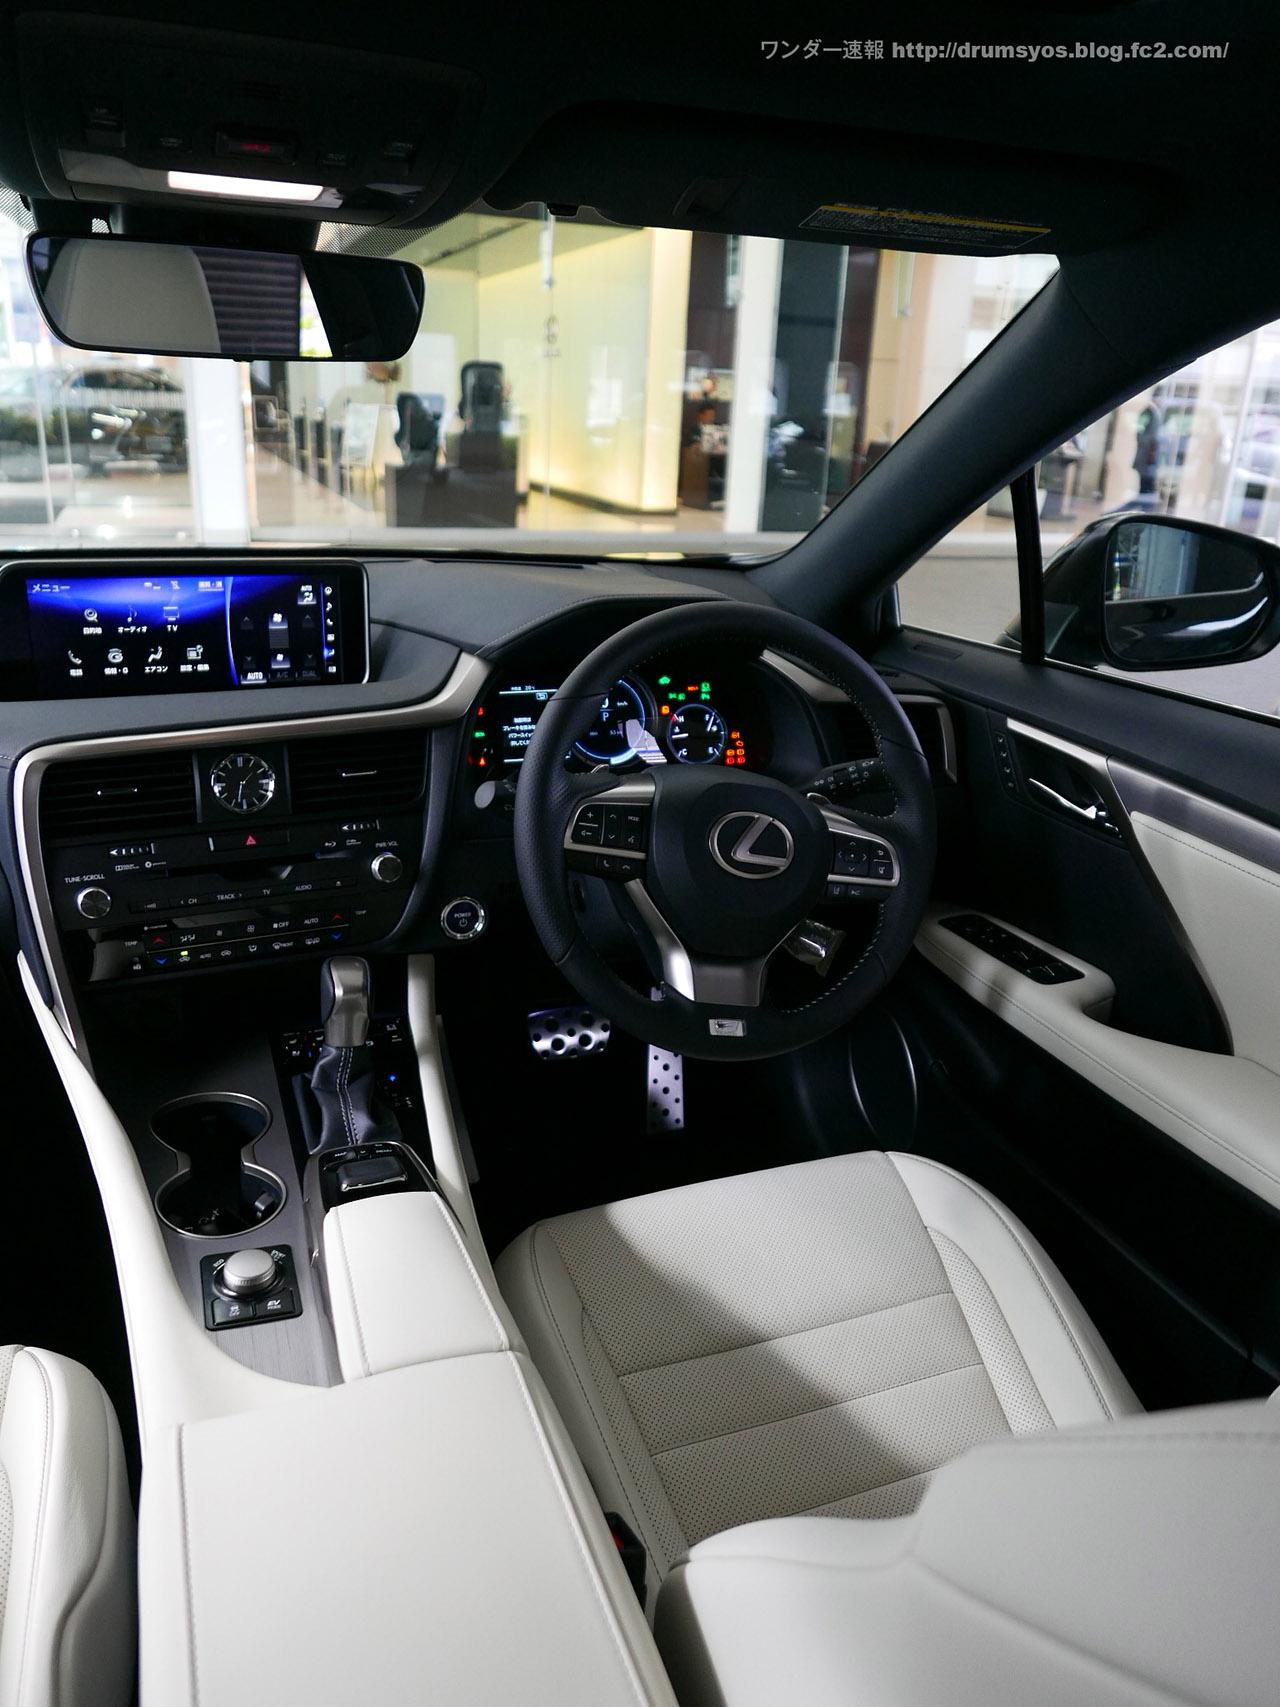 新型レクサス RX 試乗インプレッション 内装の評価は?運転席周りをチェック!1 | ワンダー速報